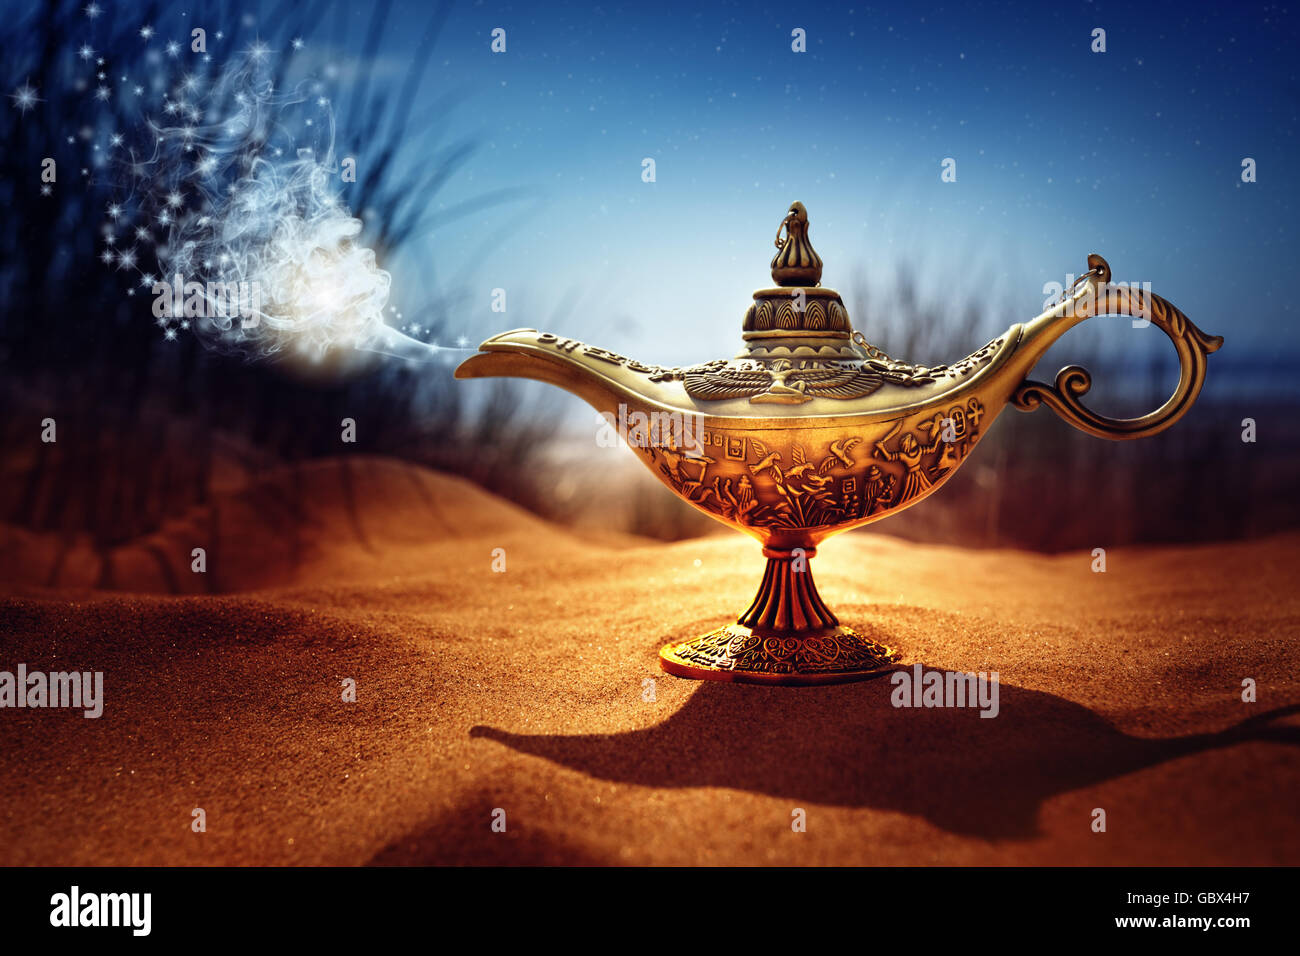 Magie von Aladdin Genie Lampe Stockbild